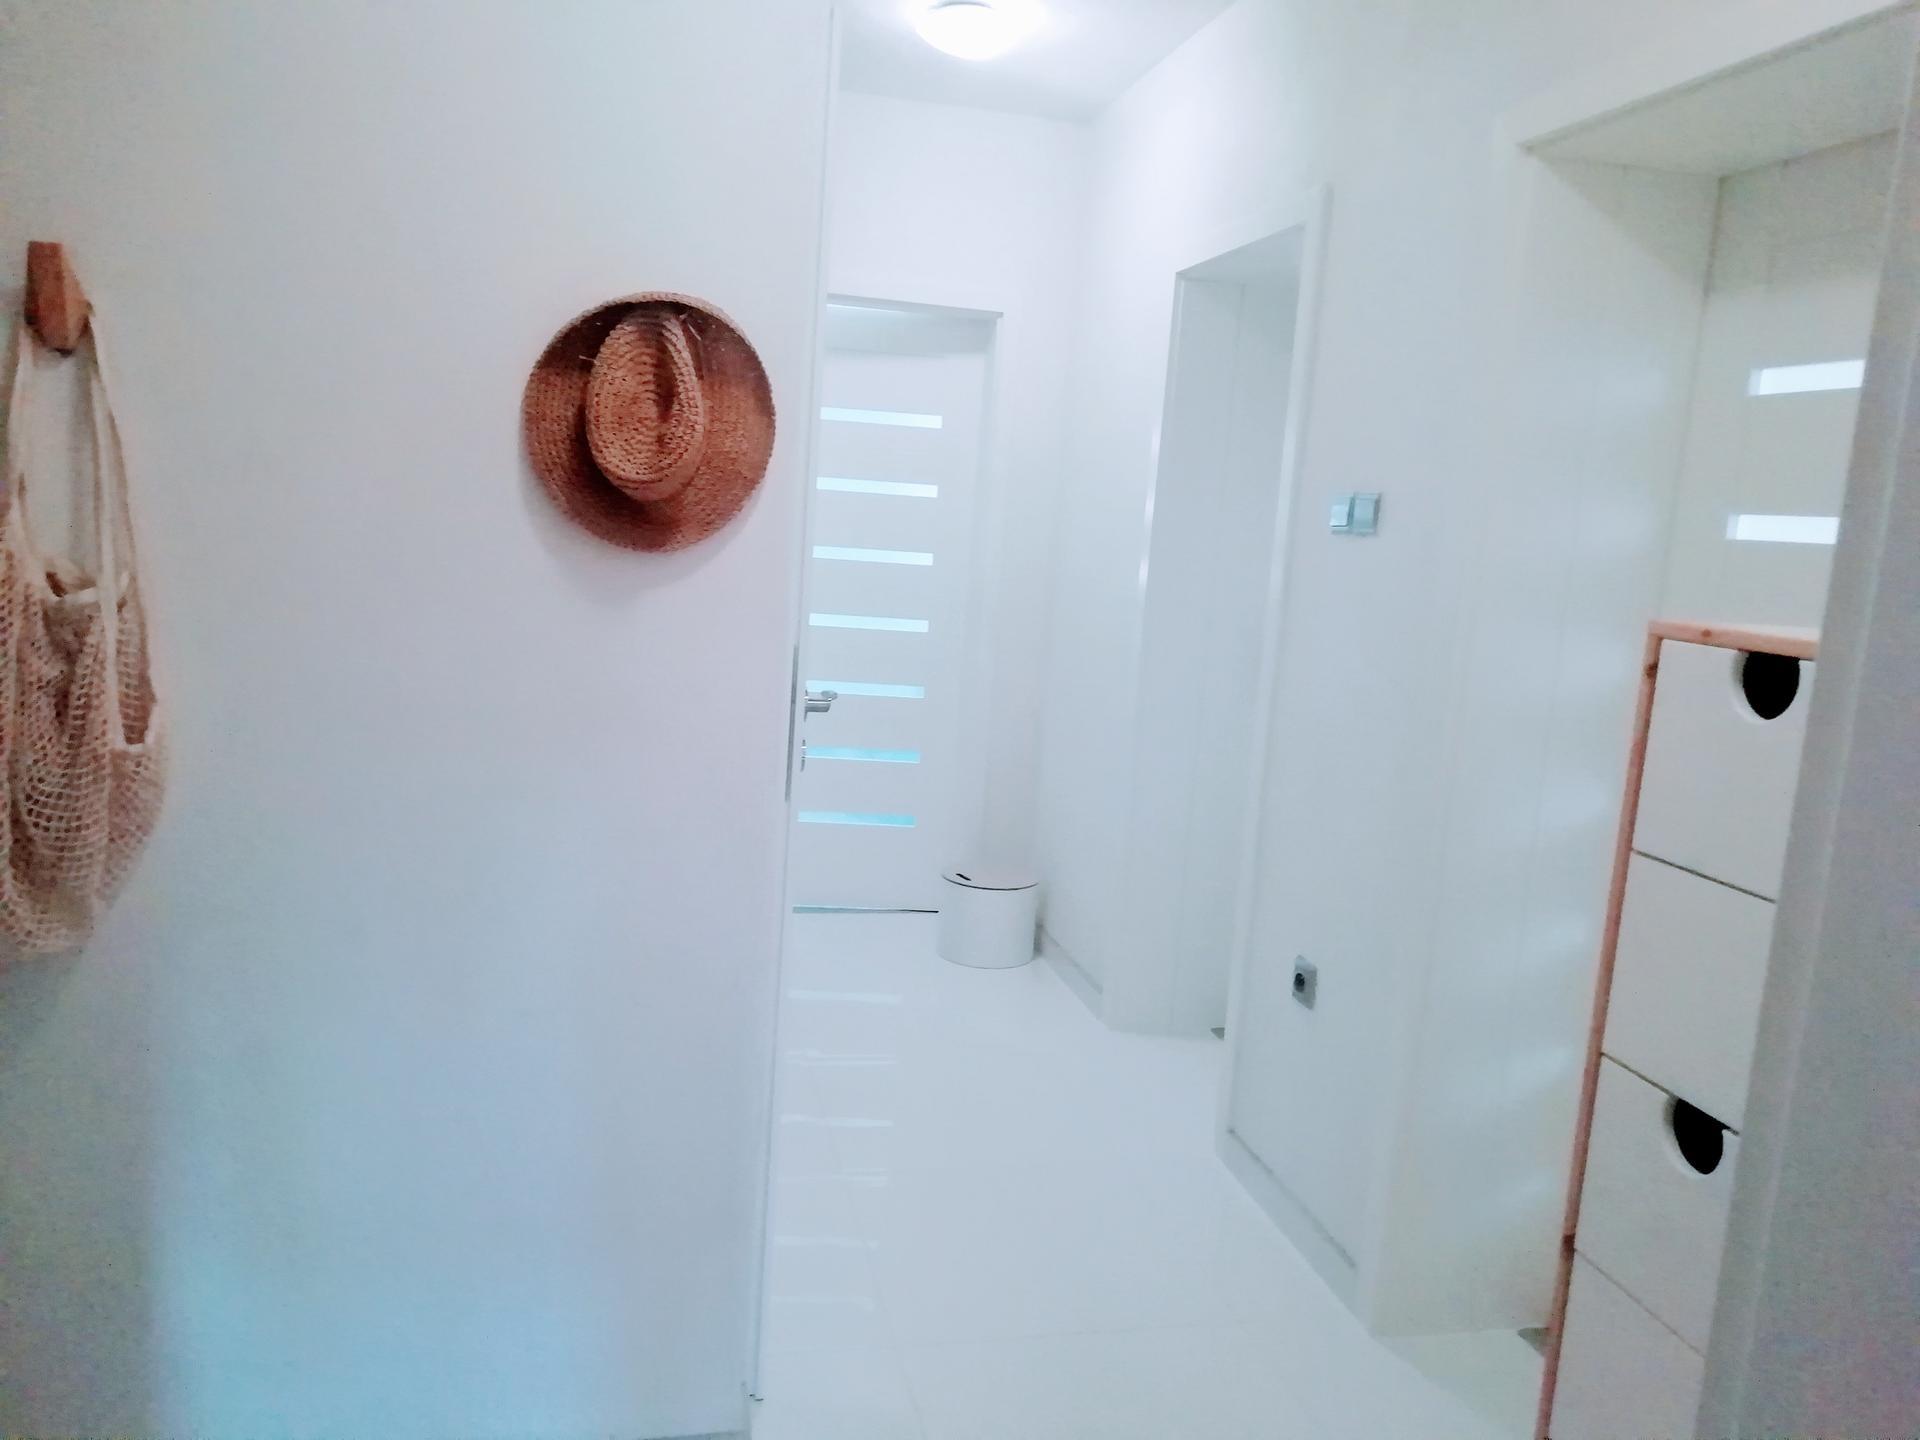 Prerábka kúpeľne, wc a chodby v byte - .. dlažba zašpárovaná..ešte vymaľovať...